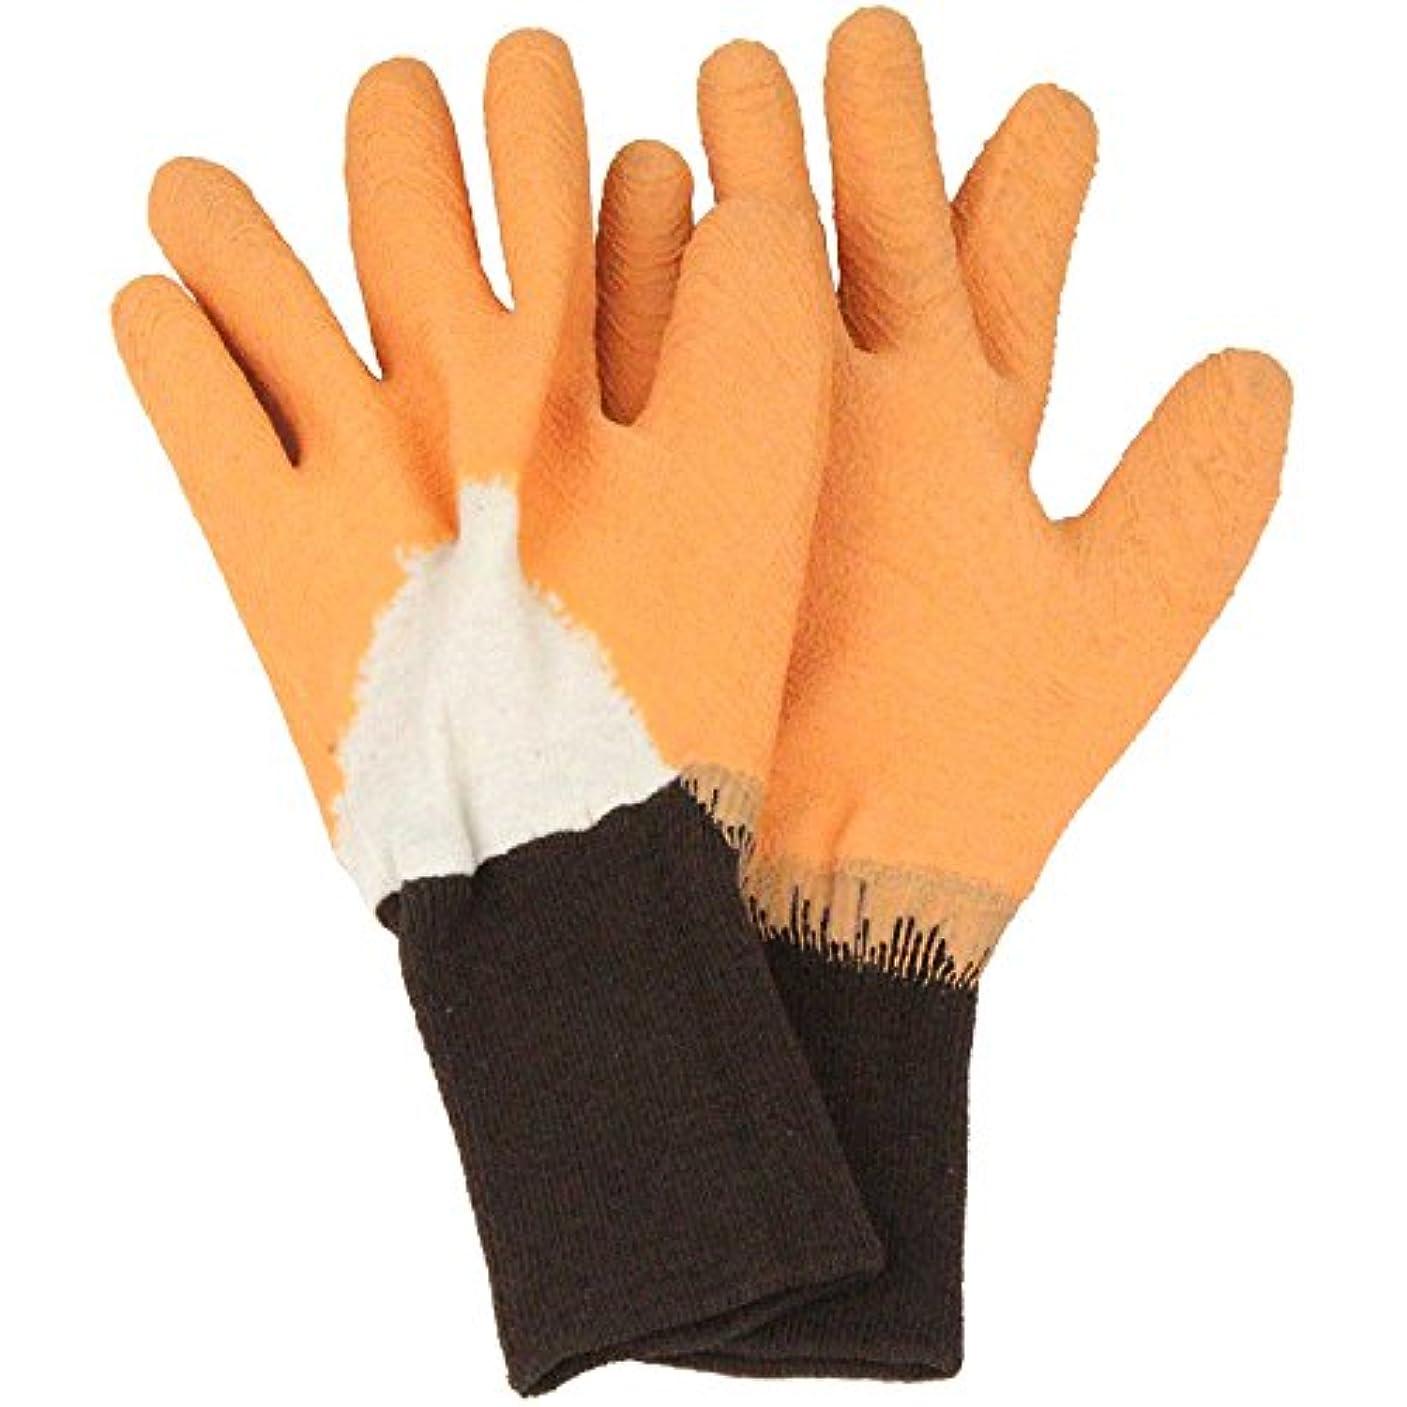 テキスト終了する特性セフティー3 トゲがささりにくい手袋 オレンジ L